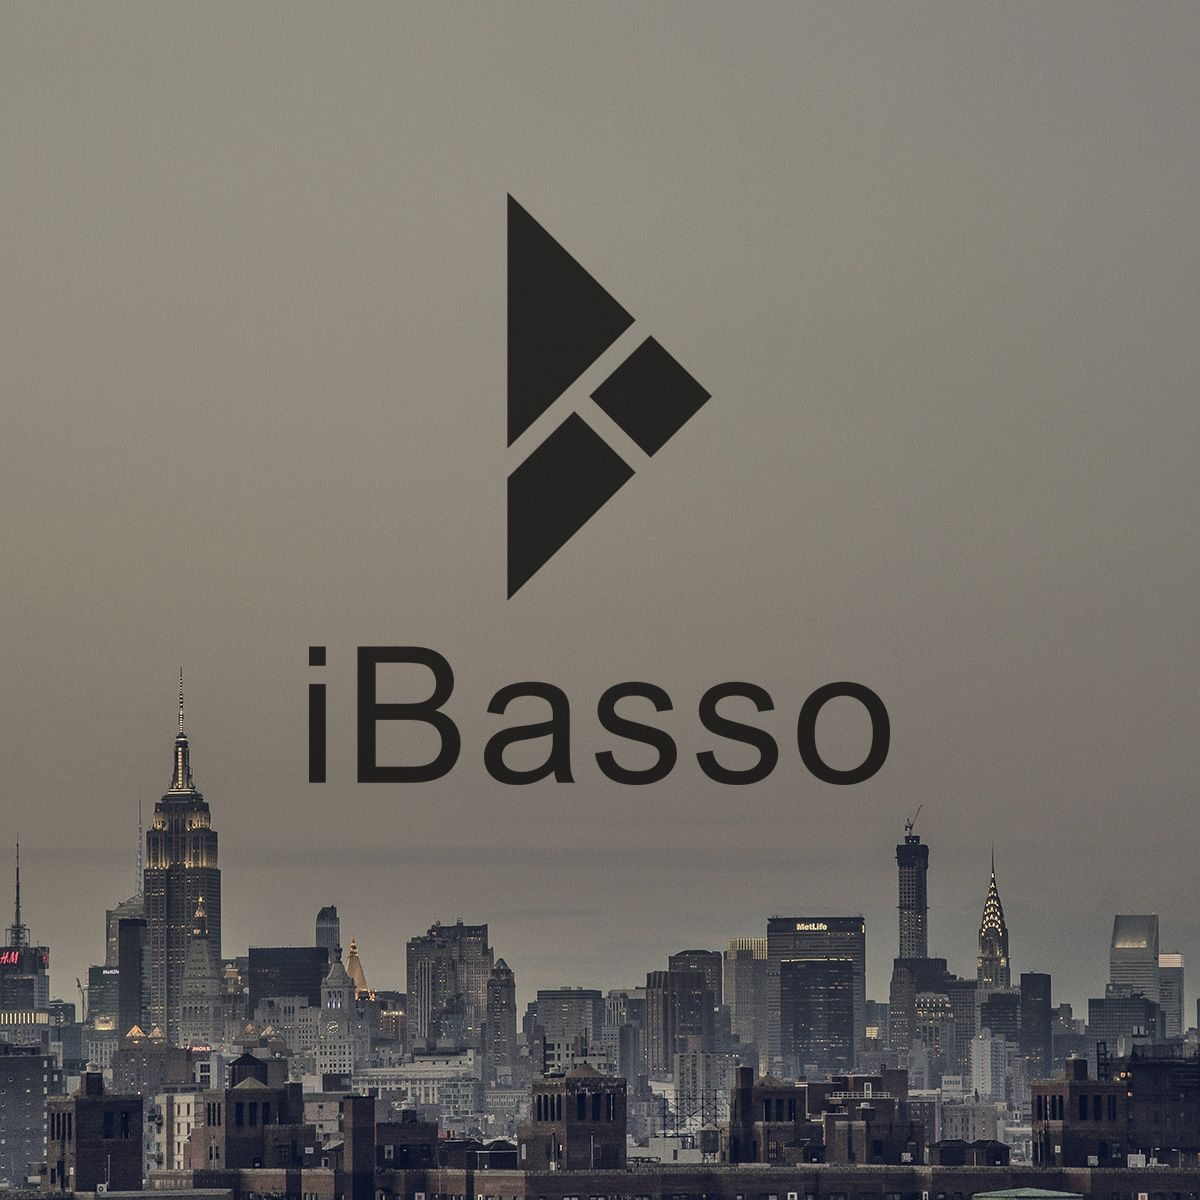 iBasso Headquarters: DX200 y Novedades